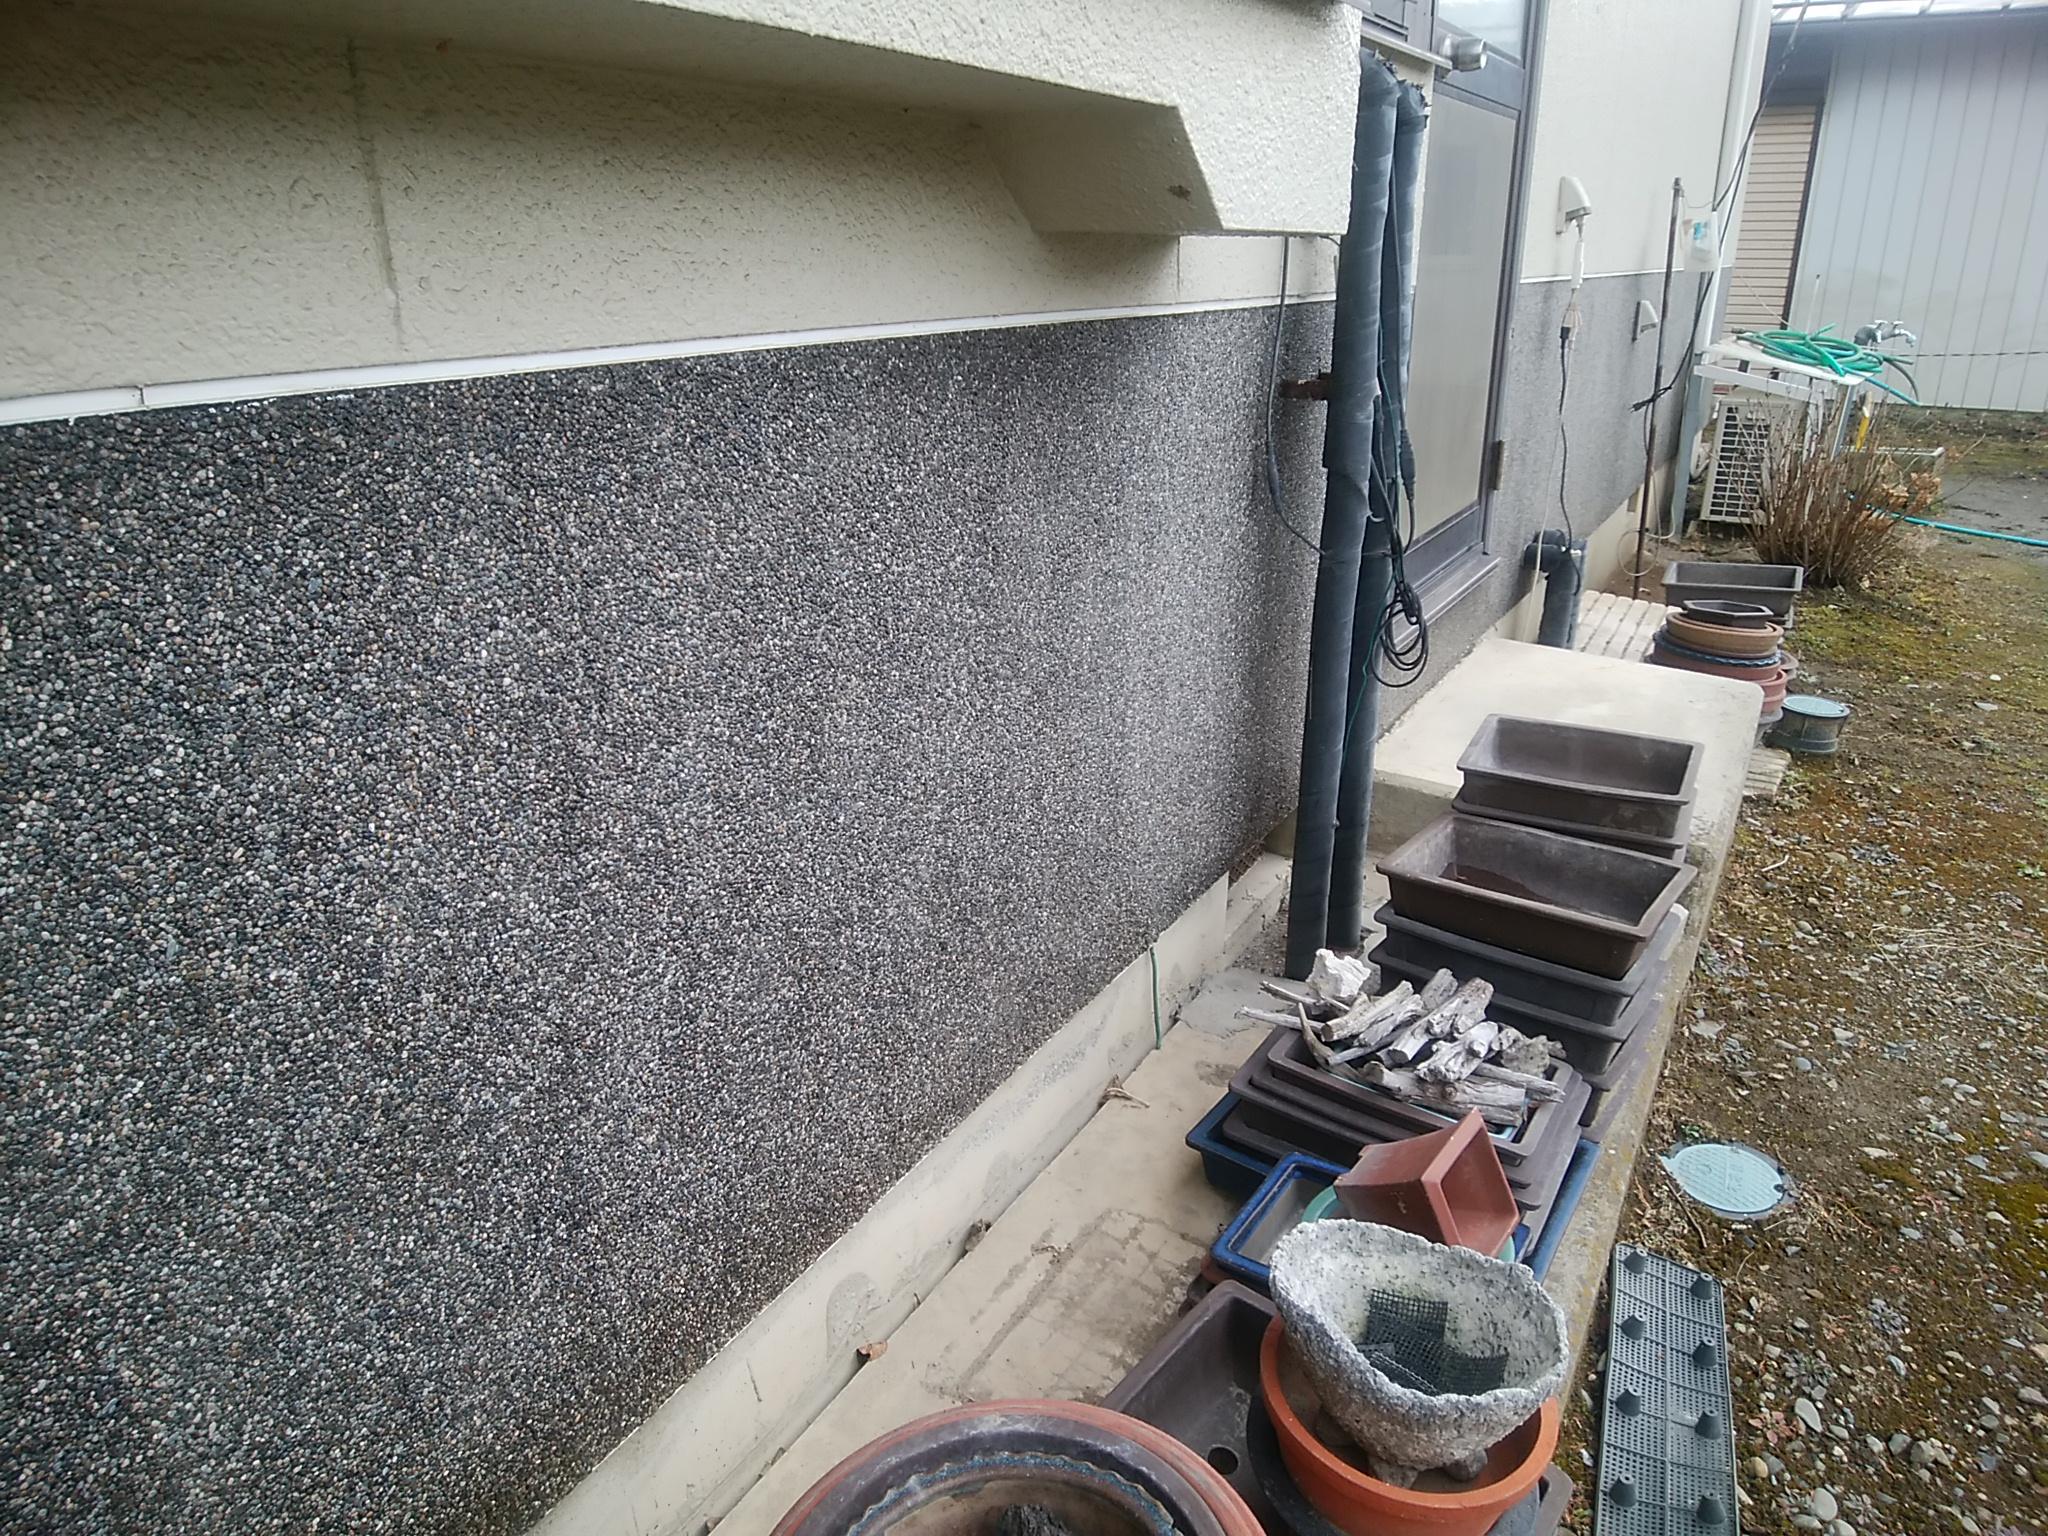 松本市笹賀で行いました外壁腰壁ミュールコートの補修からのクリア塗装